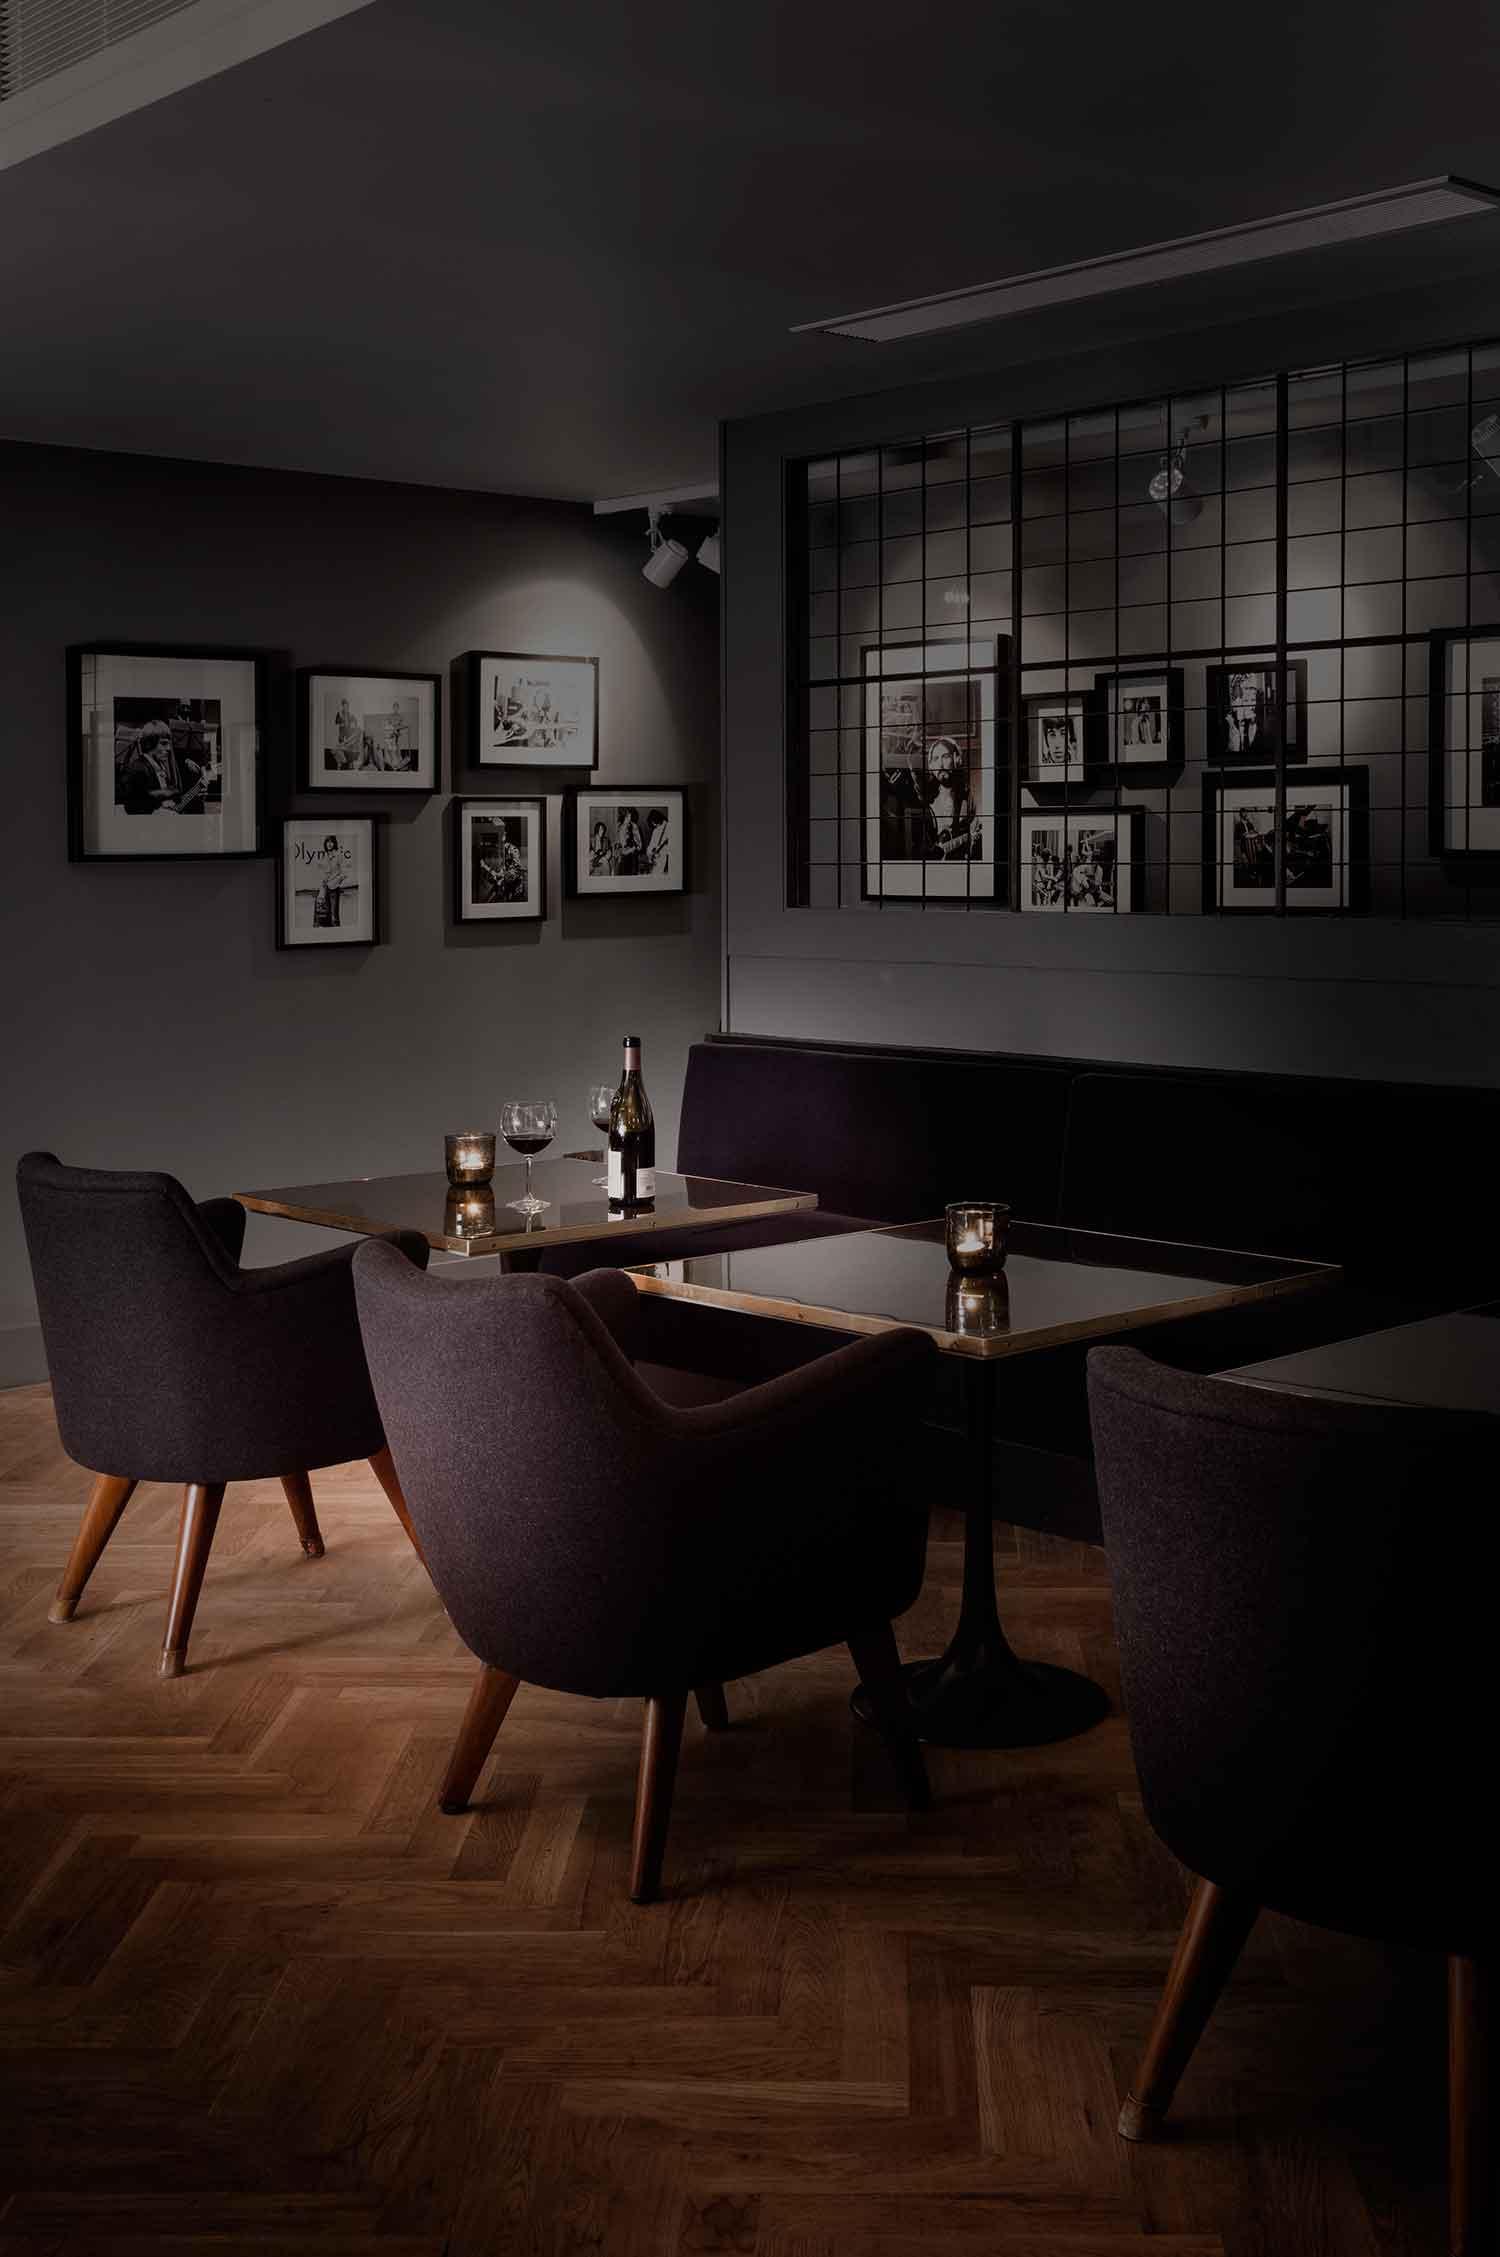 Olympic Studios Members Back Bar by Simone McEwan   Yellowtrace